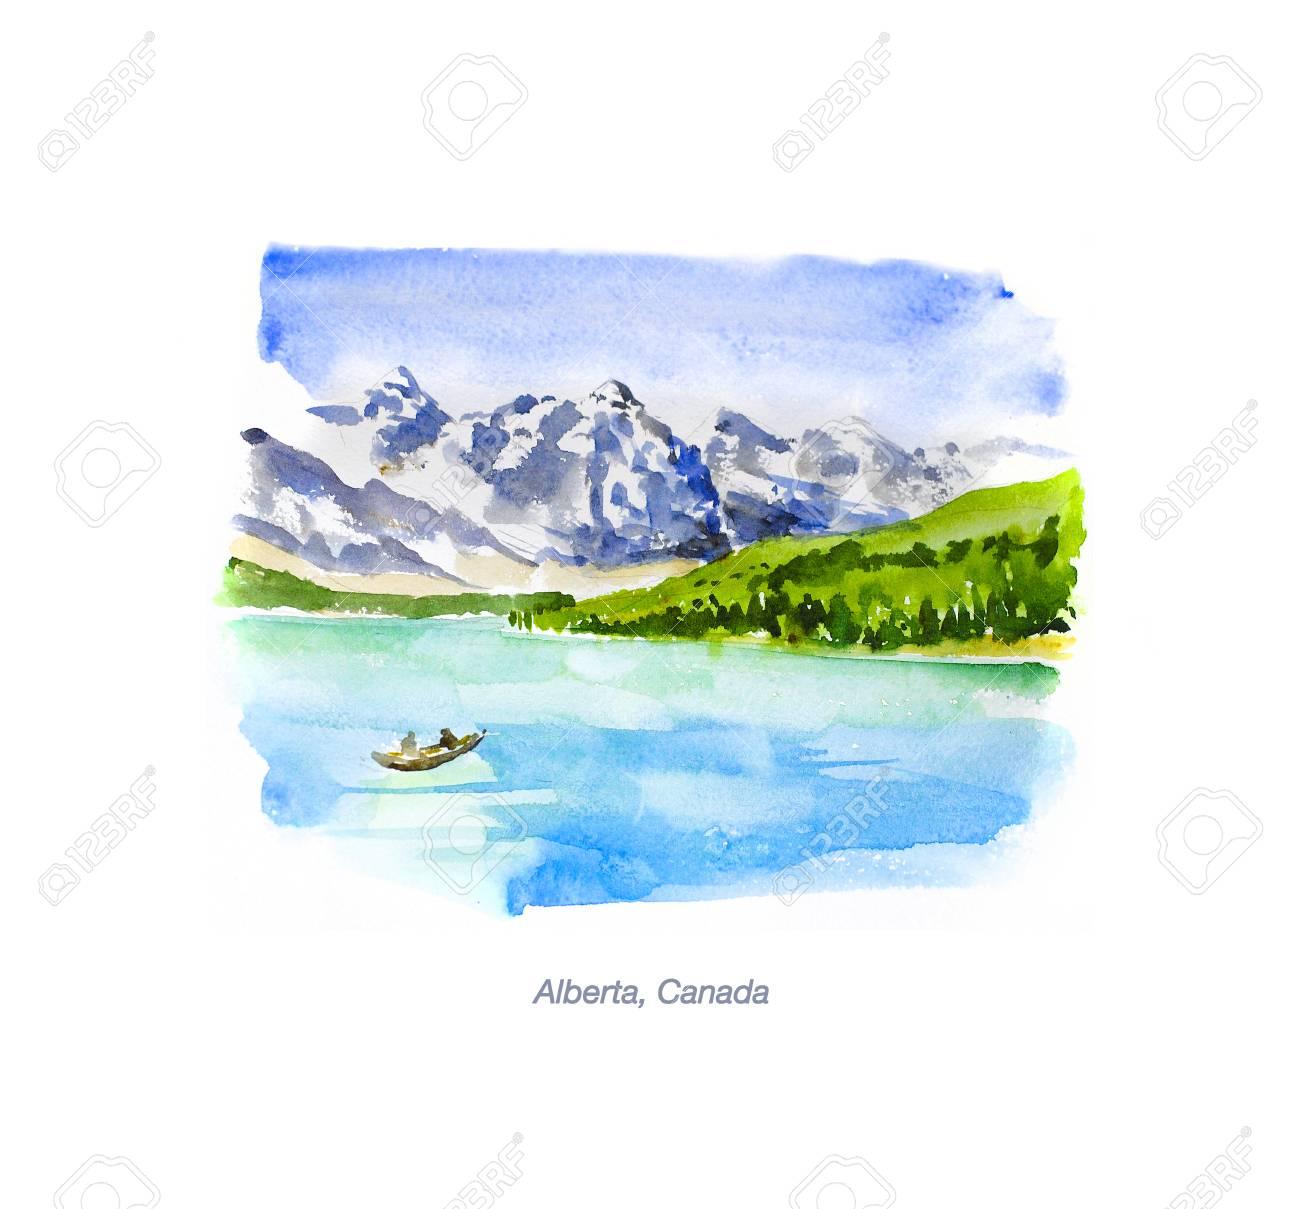 paysage aquarelle dessines a la main isole sur fond blanc illustration de la nature artistique dessin a l encre voyager tourisme touristique